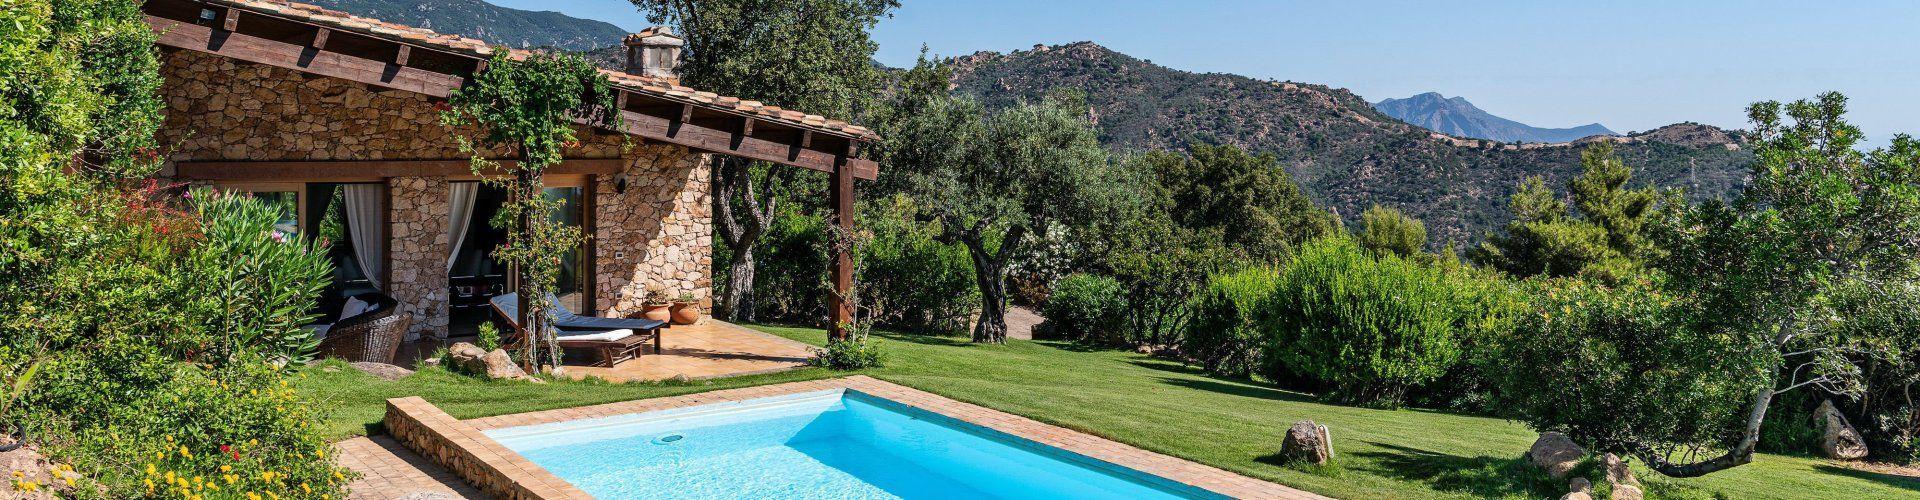 Villa con piscina e paesaggio verde